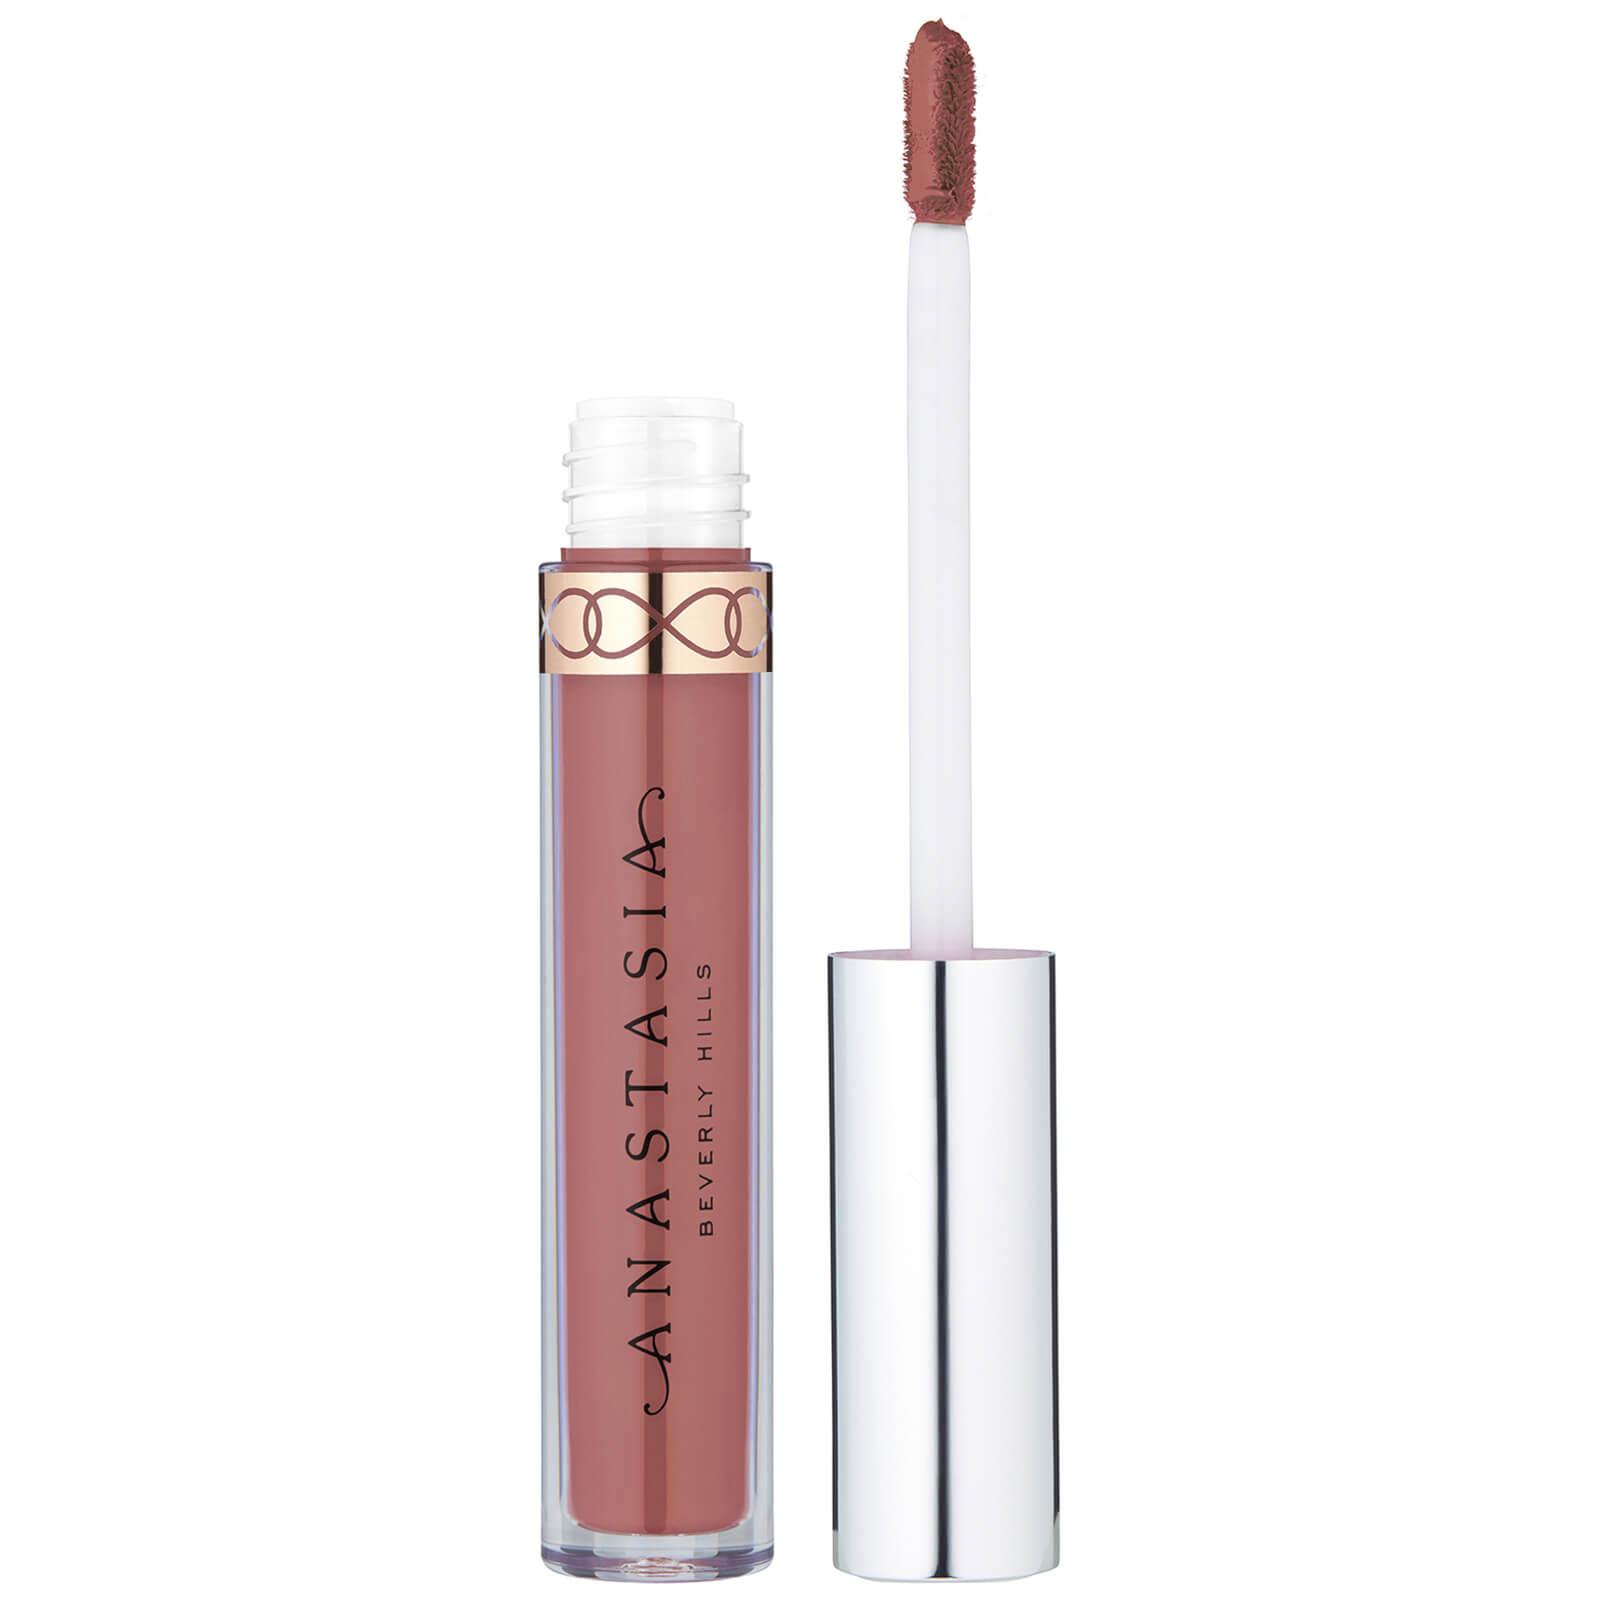 Anastasia Beverly Hills Liquid Lipstick 3.2g (Various Shades) - Crush